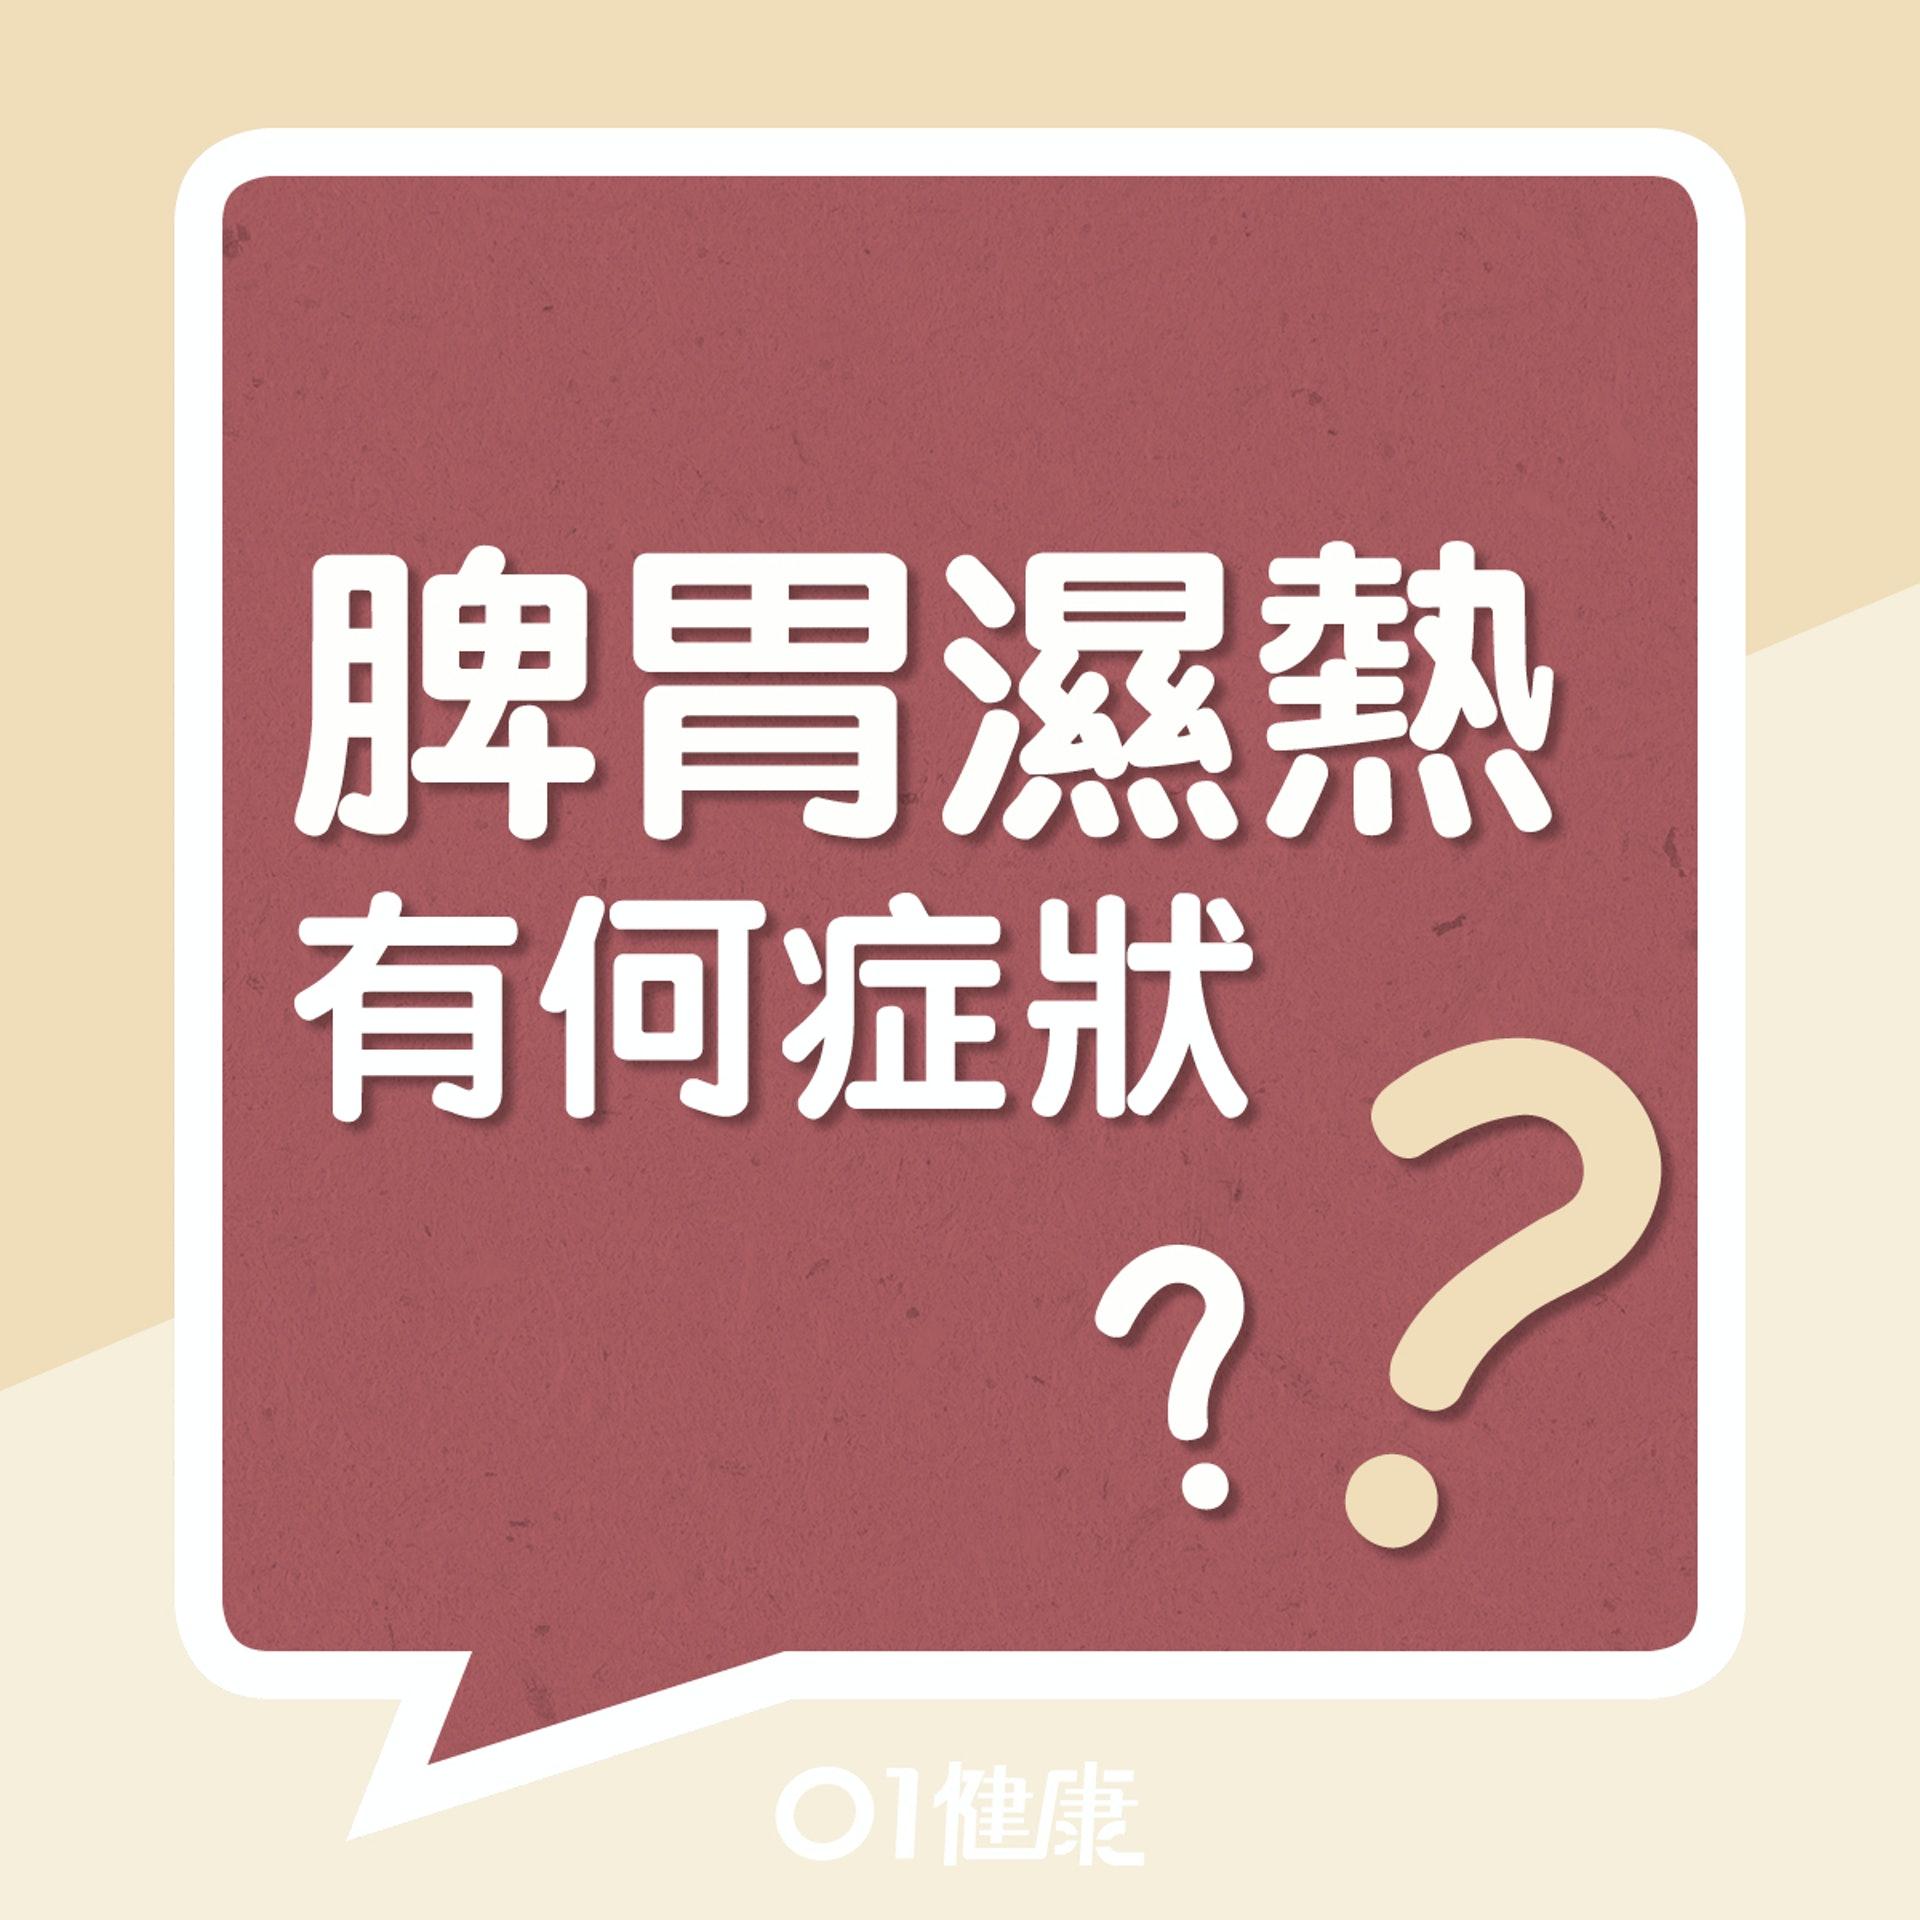 脾胃濕熱有什麼症狀?(01製圖)